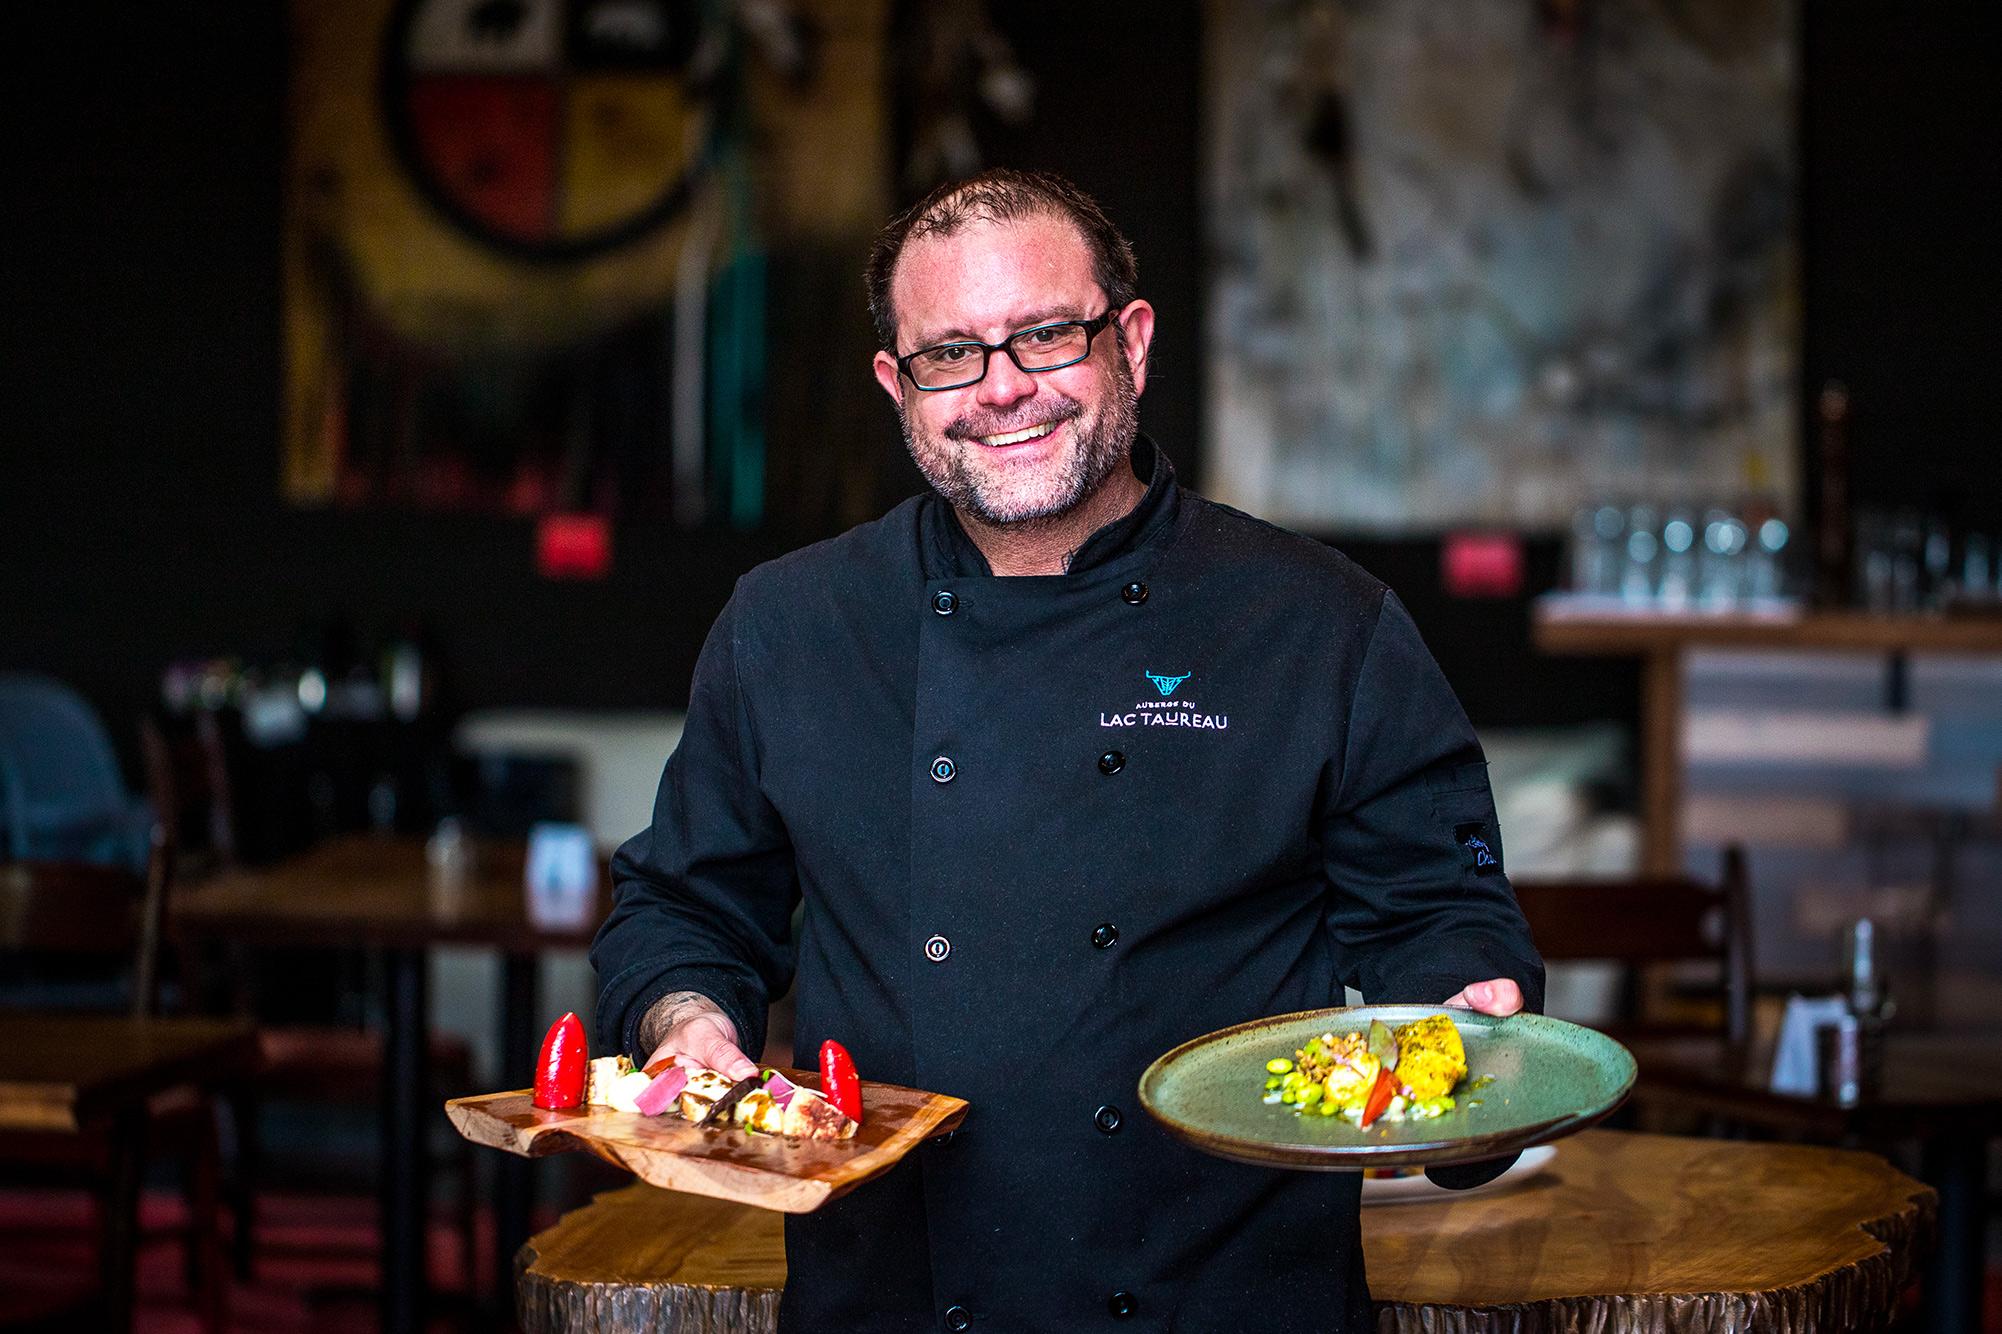 Chef William Malette